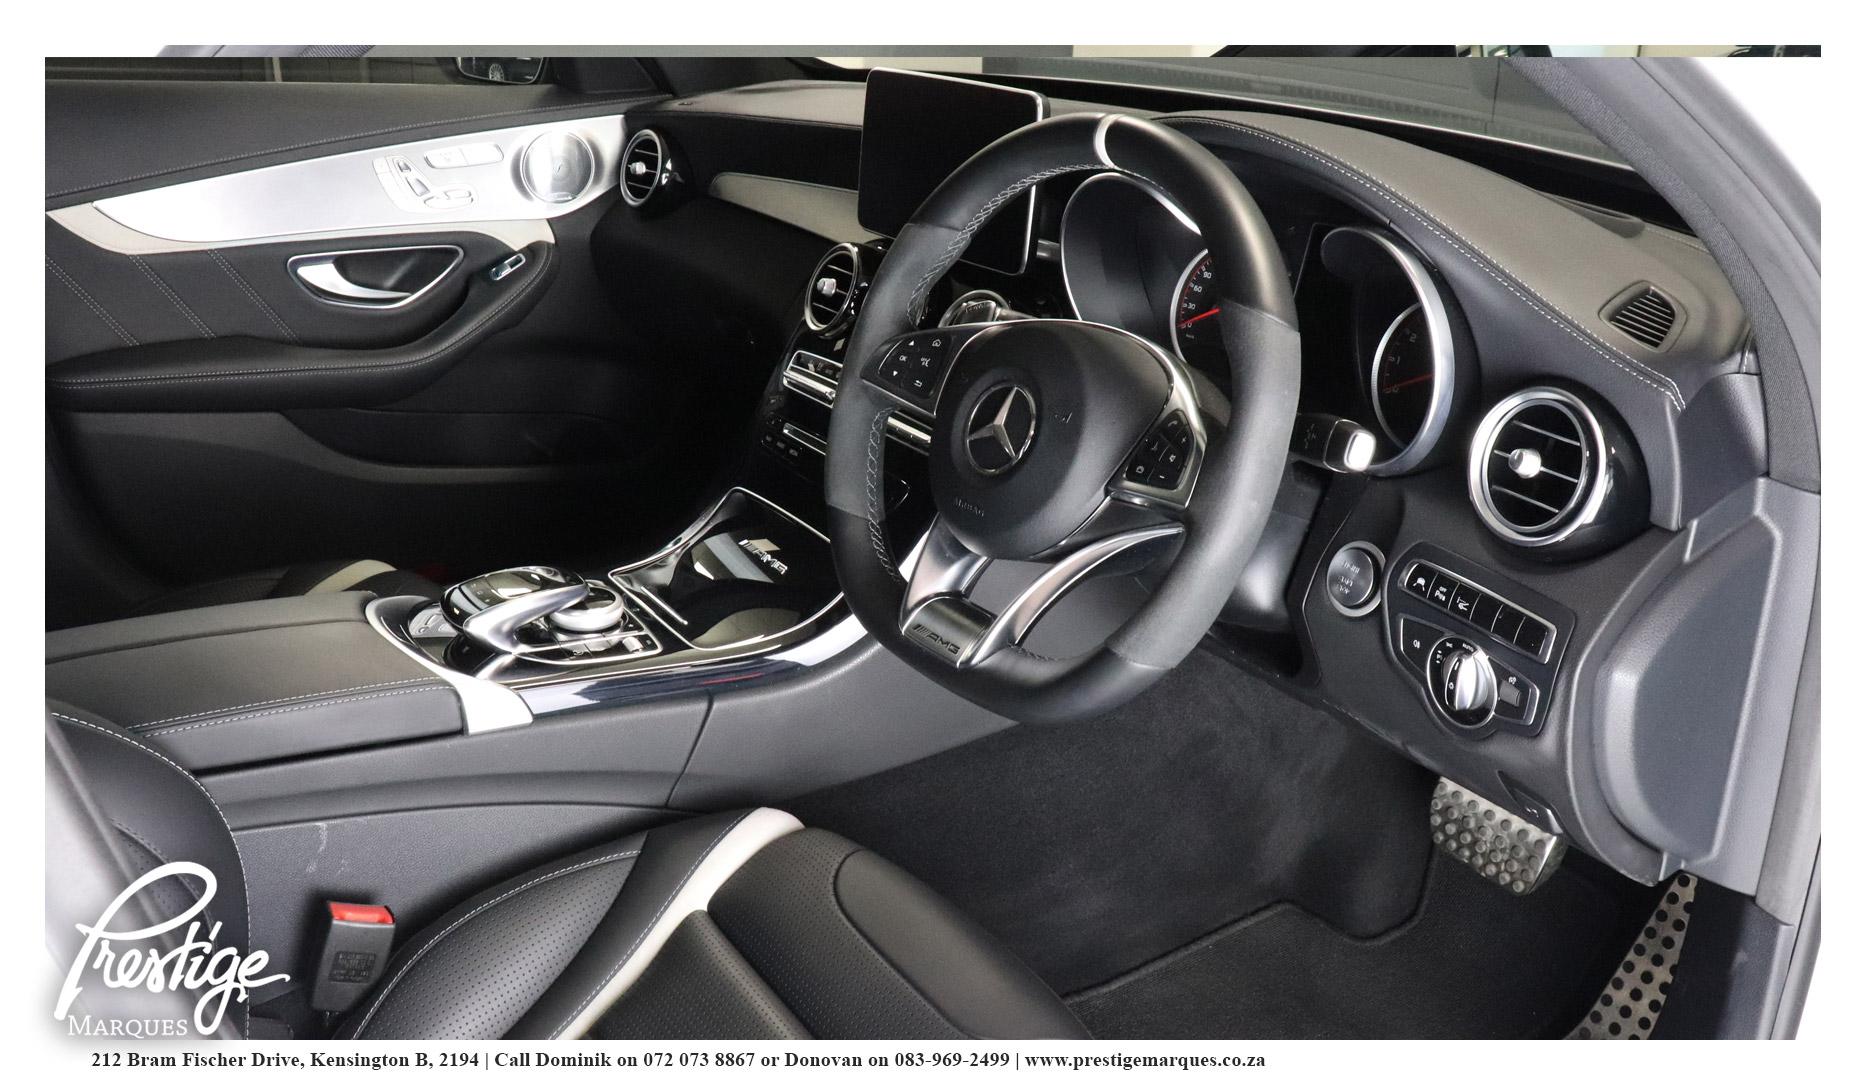 Mercedes-Benz-C63s-AMG-Prestige-Marques-13